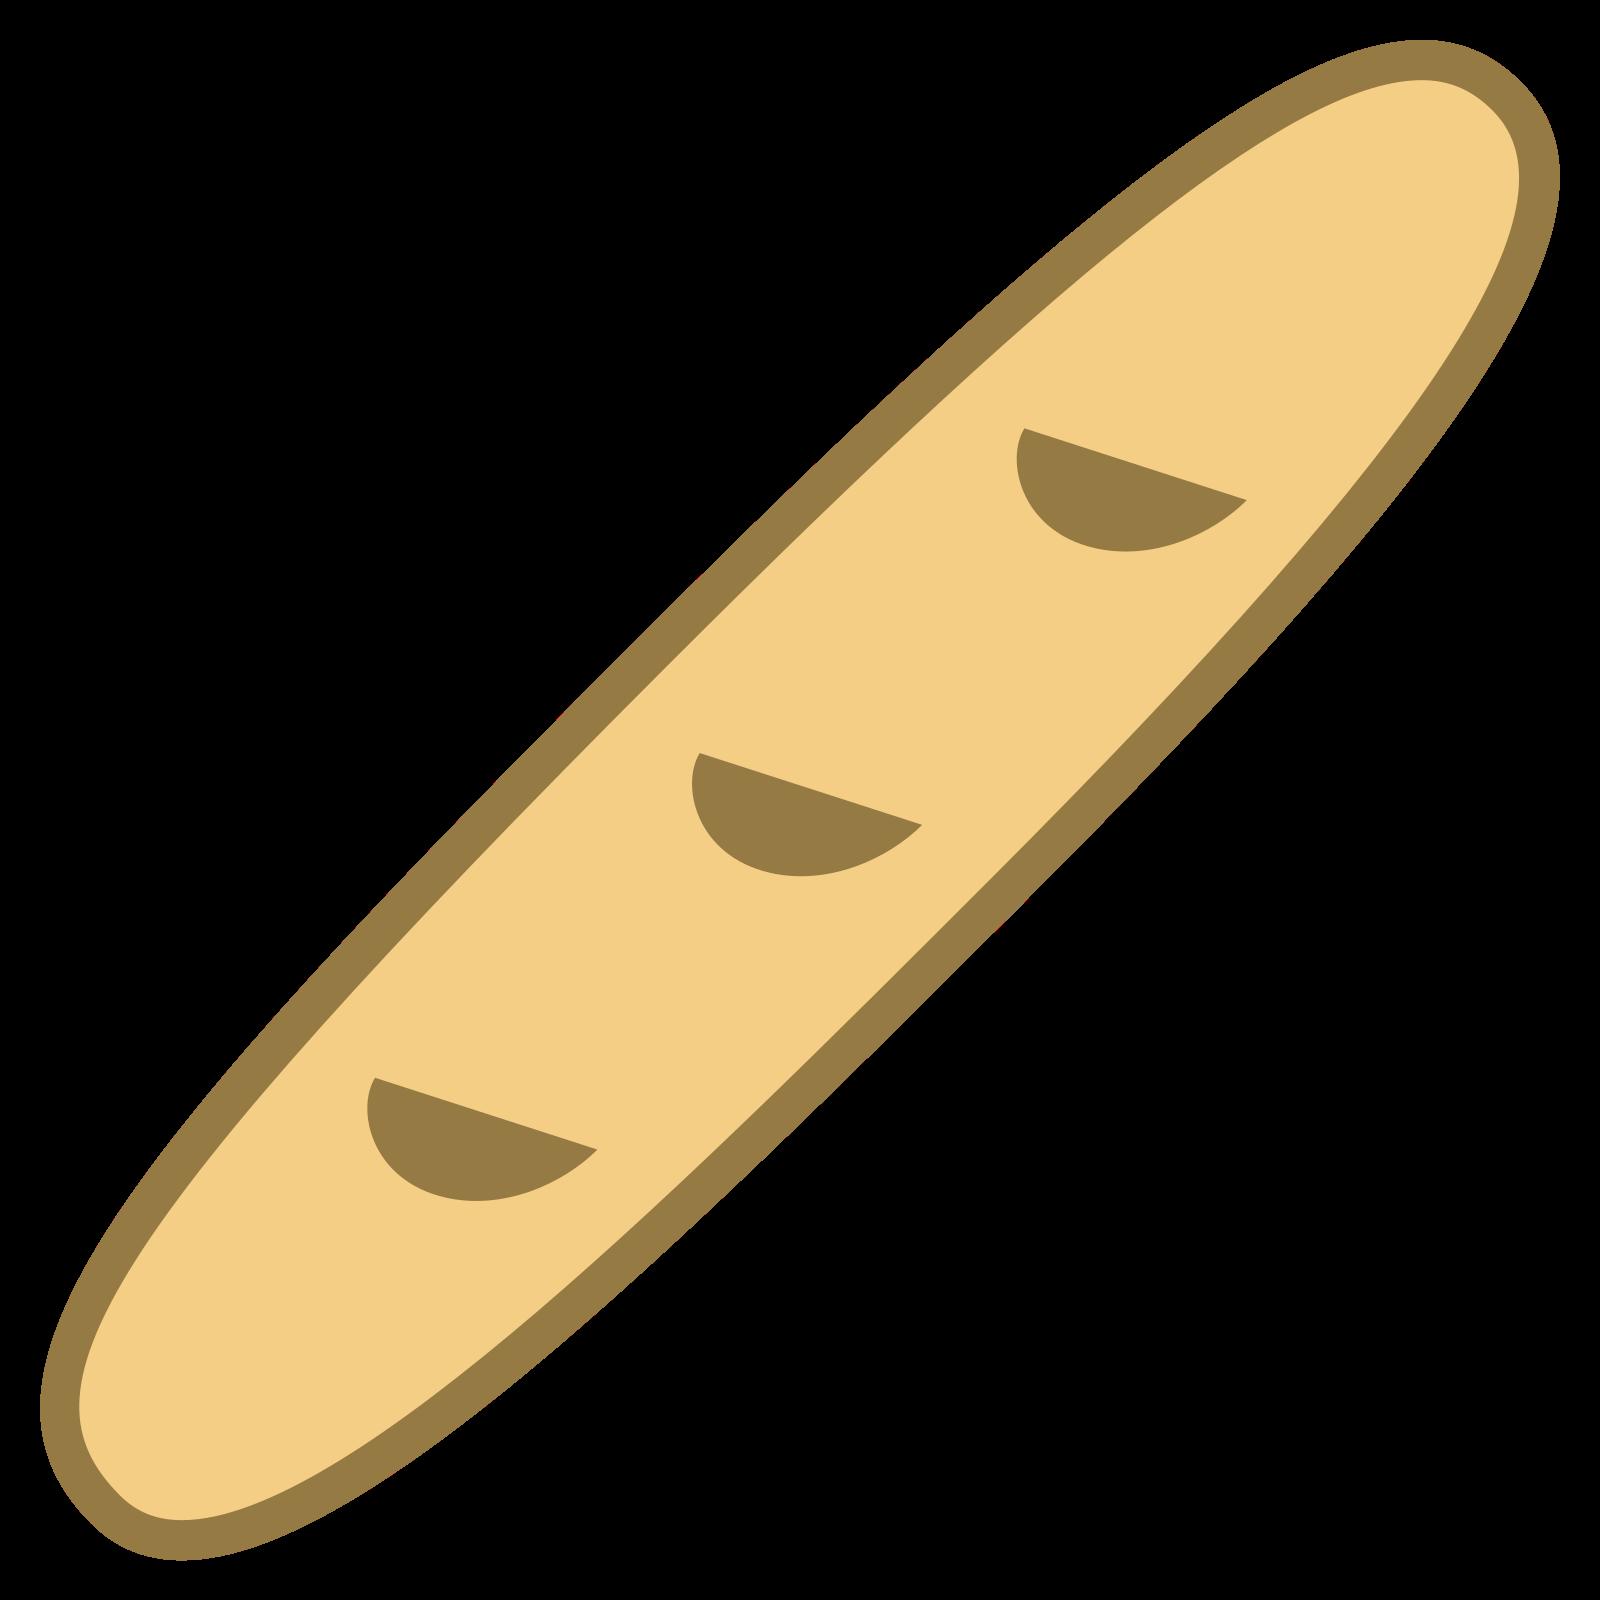 法式面包 icon